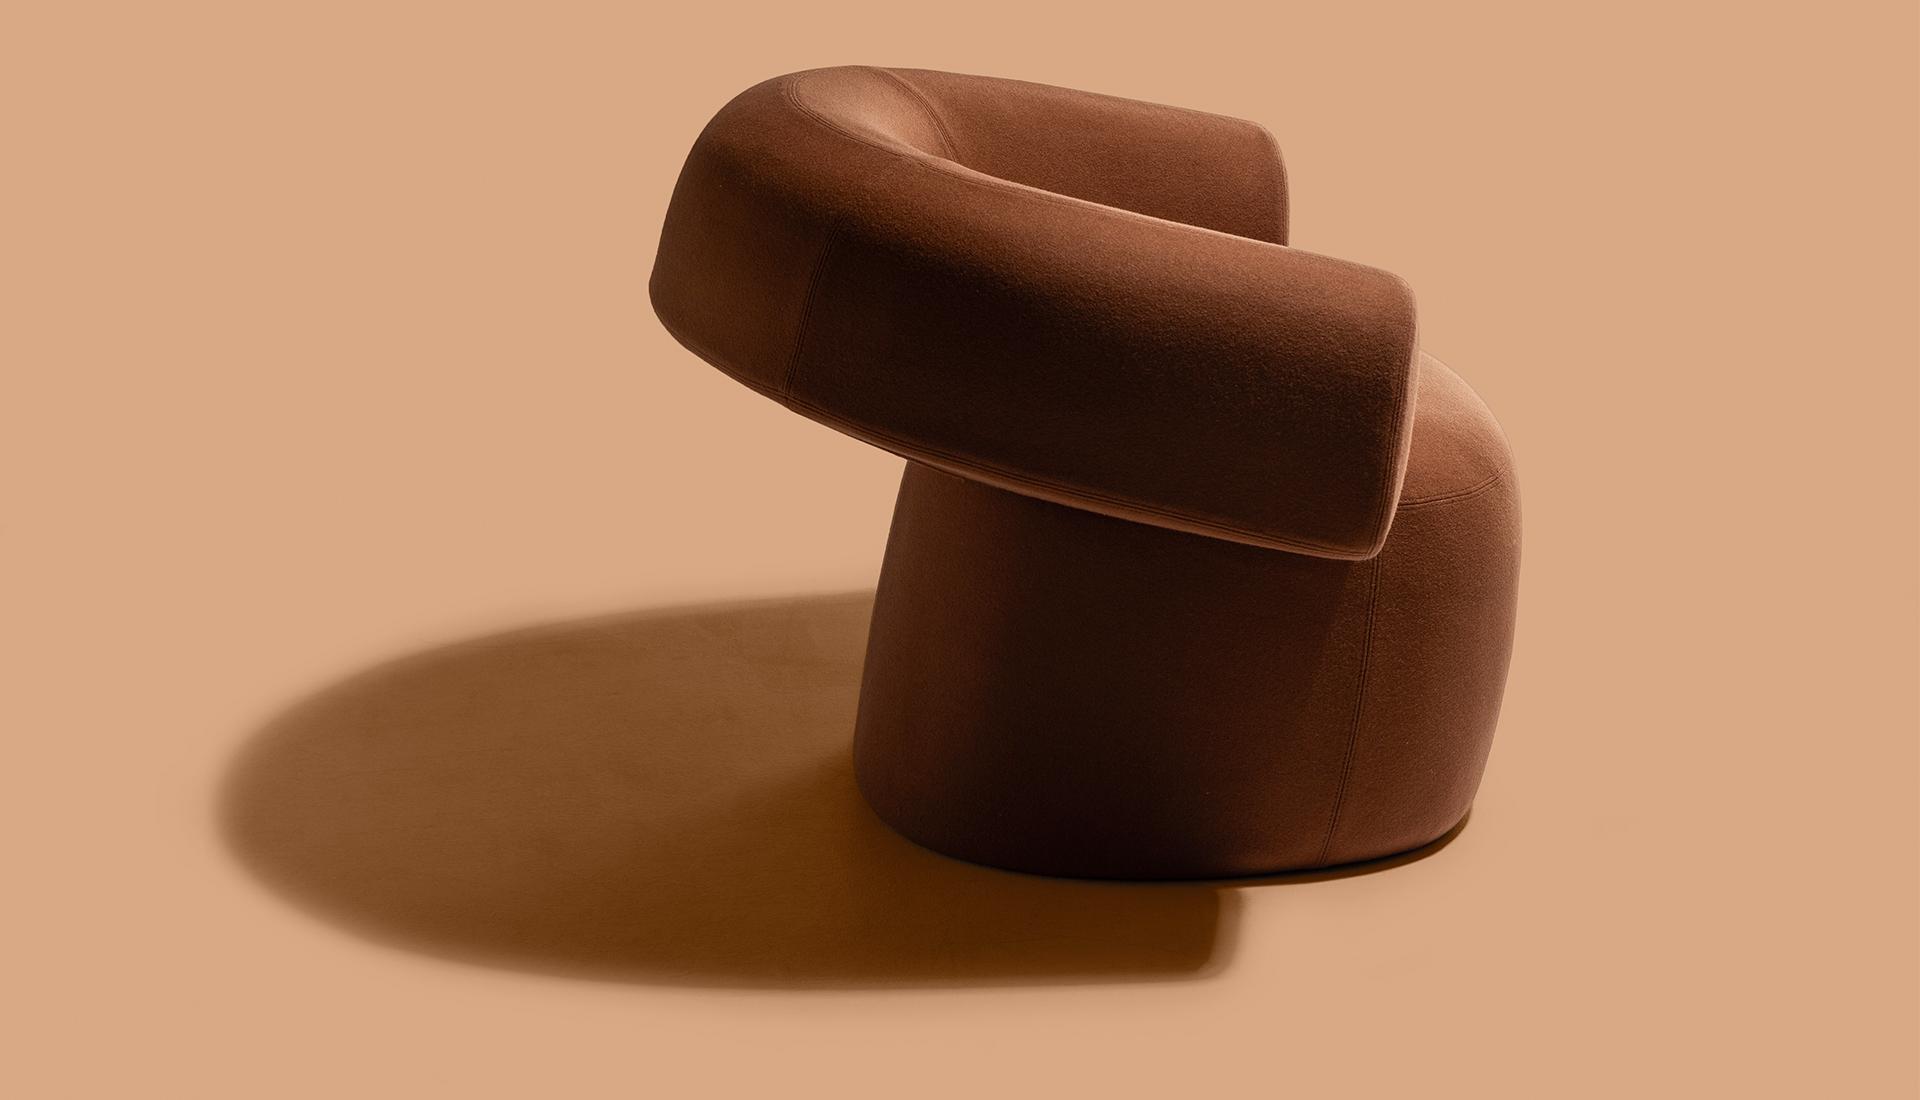 Тренды 2020/2021: скульптурное кресло Патрисии Уркиолы